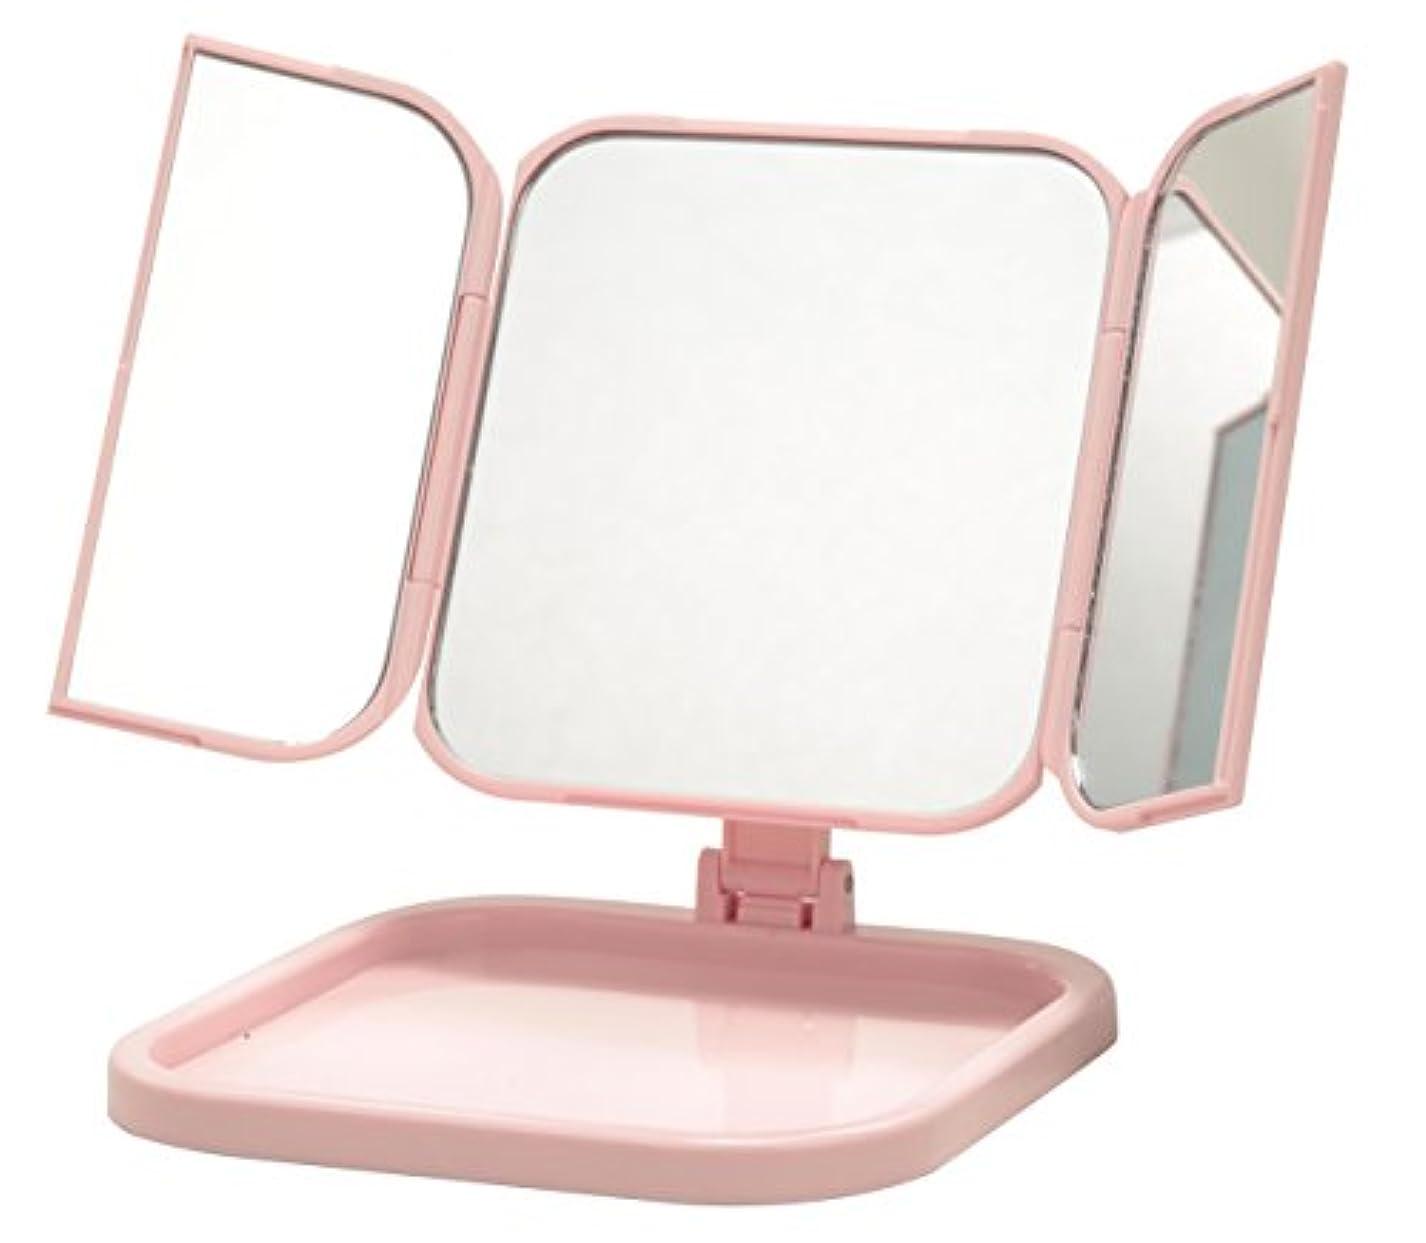 里親伴うスキー永井興産 コンパクト三面鏡 WITH (ウィズ) パールピンクNK-265